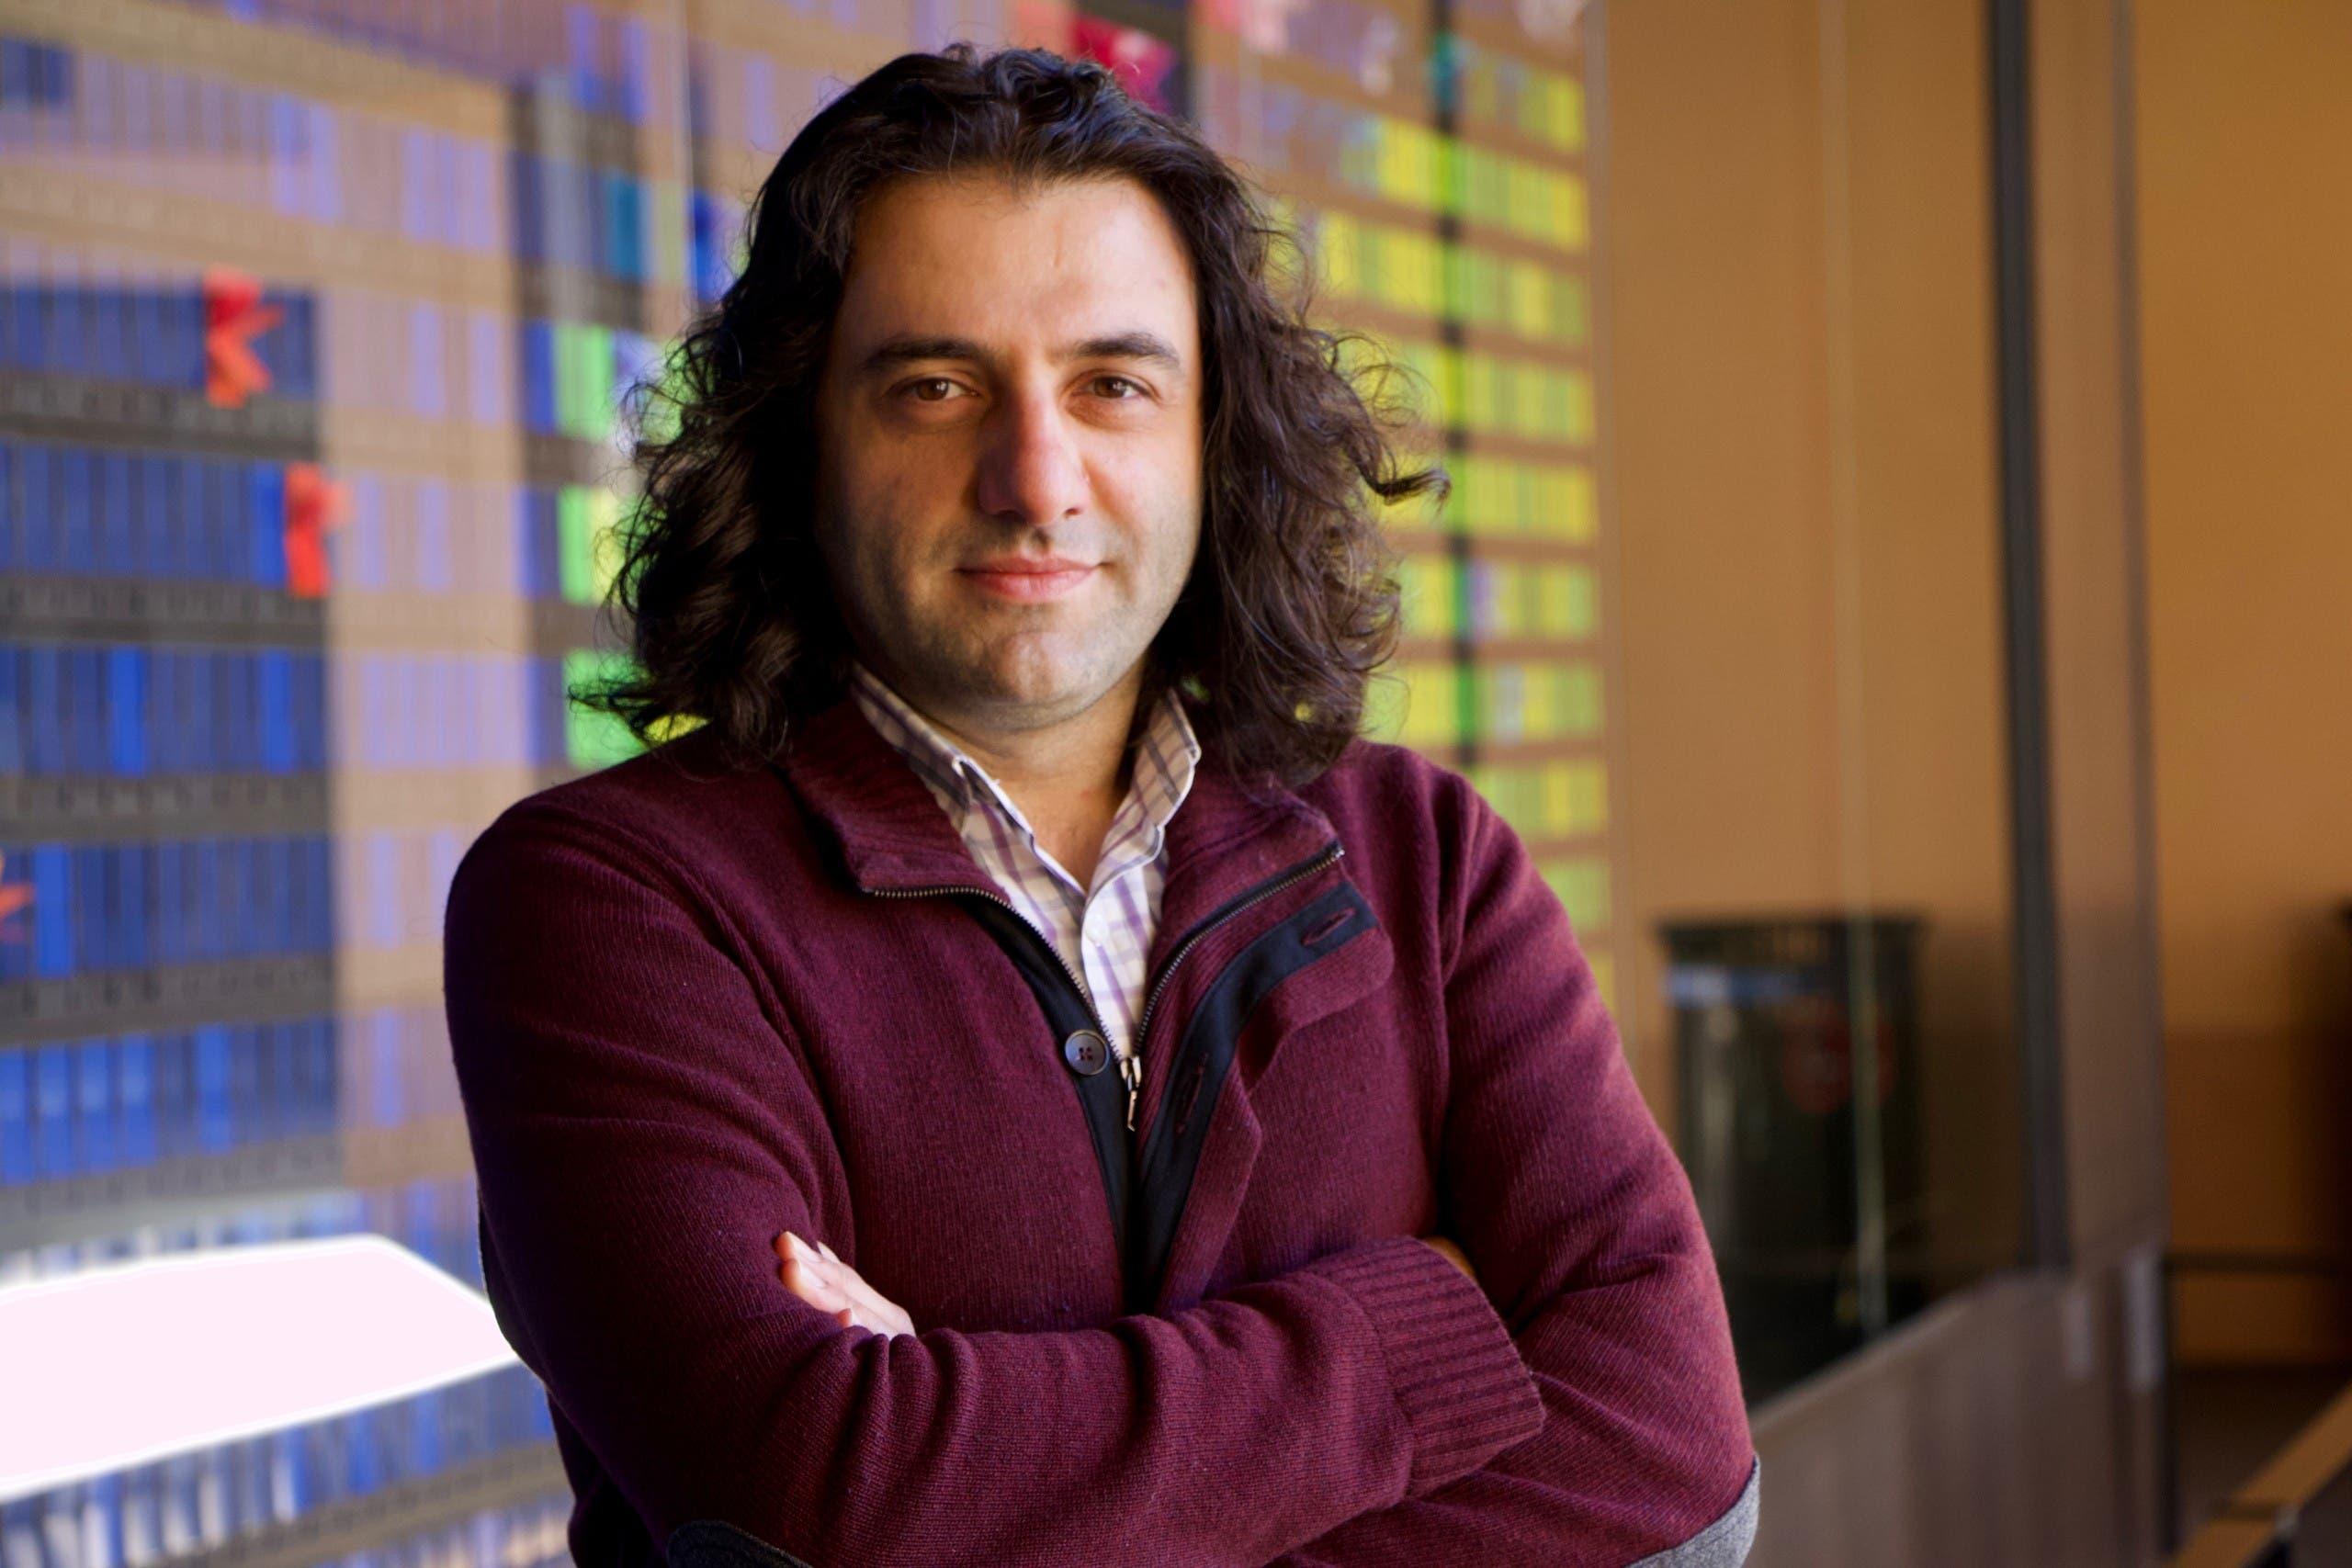 الأكاديمي والباحث التركي خليل إبراهيم يني غون